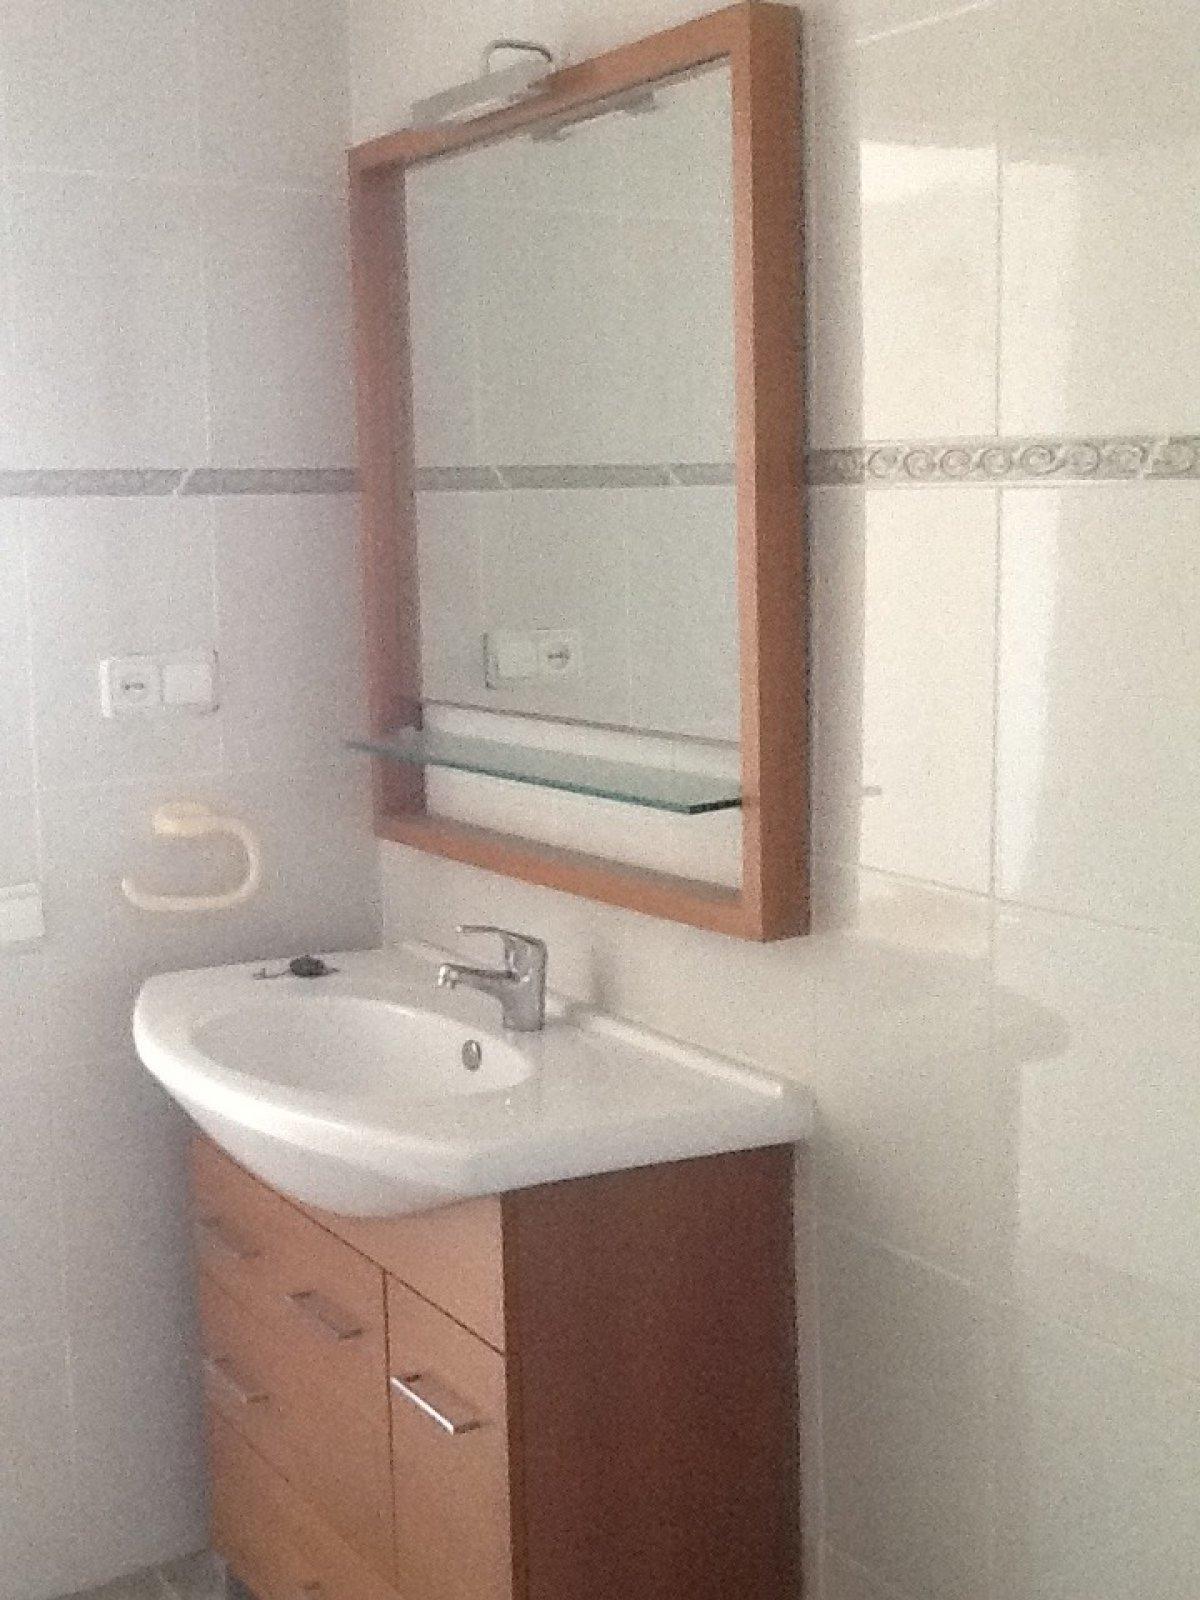 Alquiler de piso en valencia - imagenInmueble7